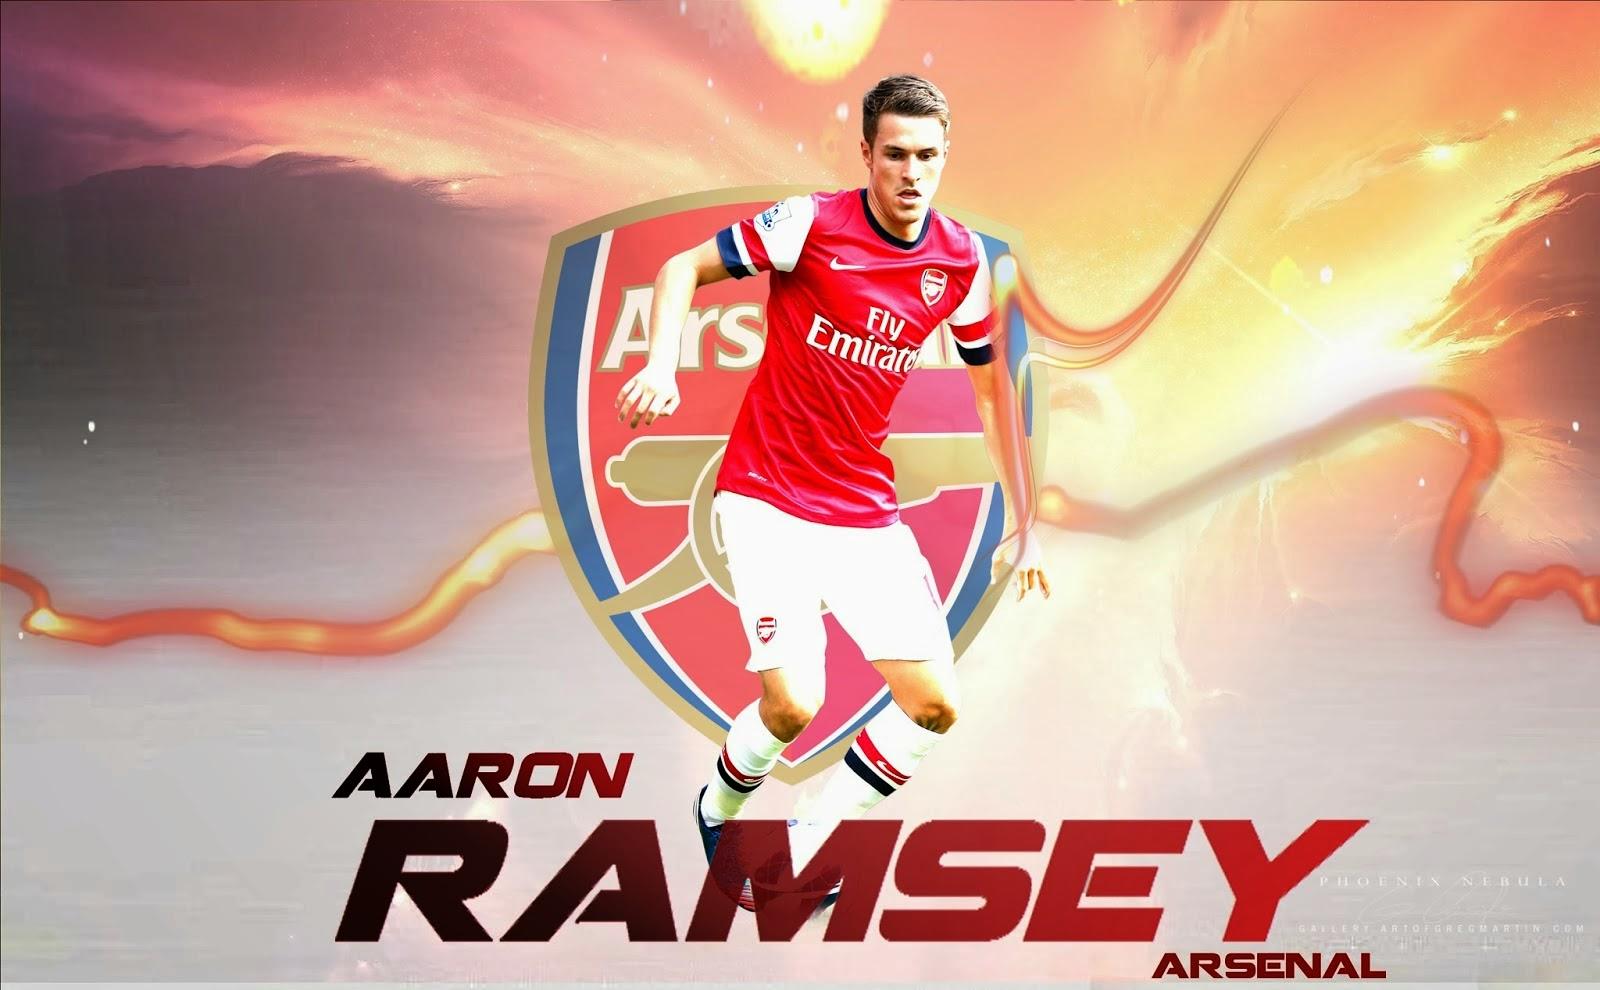 Aaron ramsey arsenal jersey